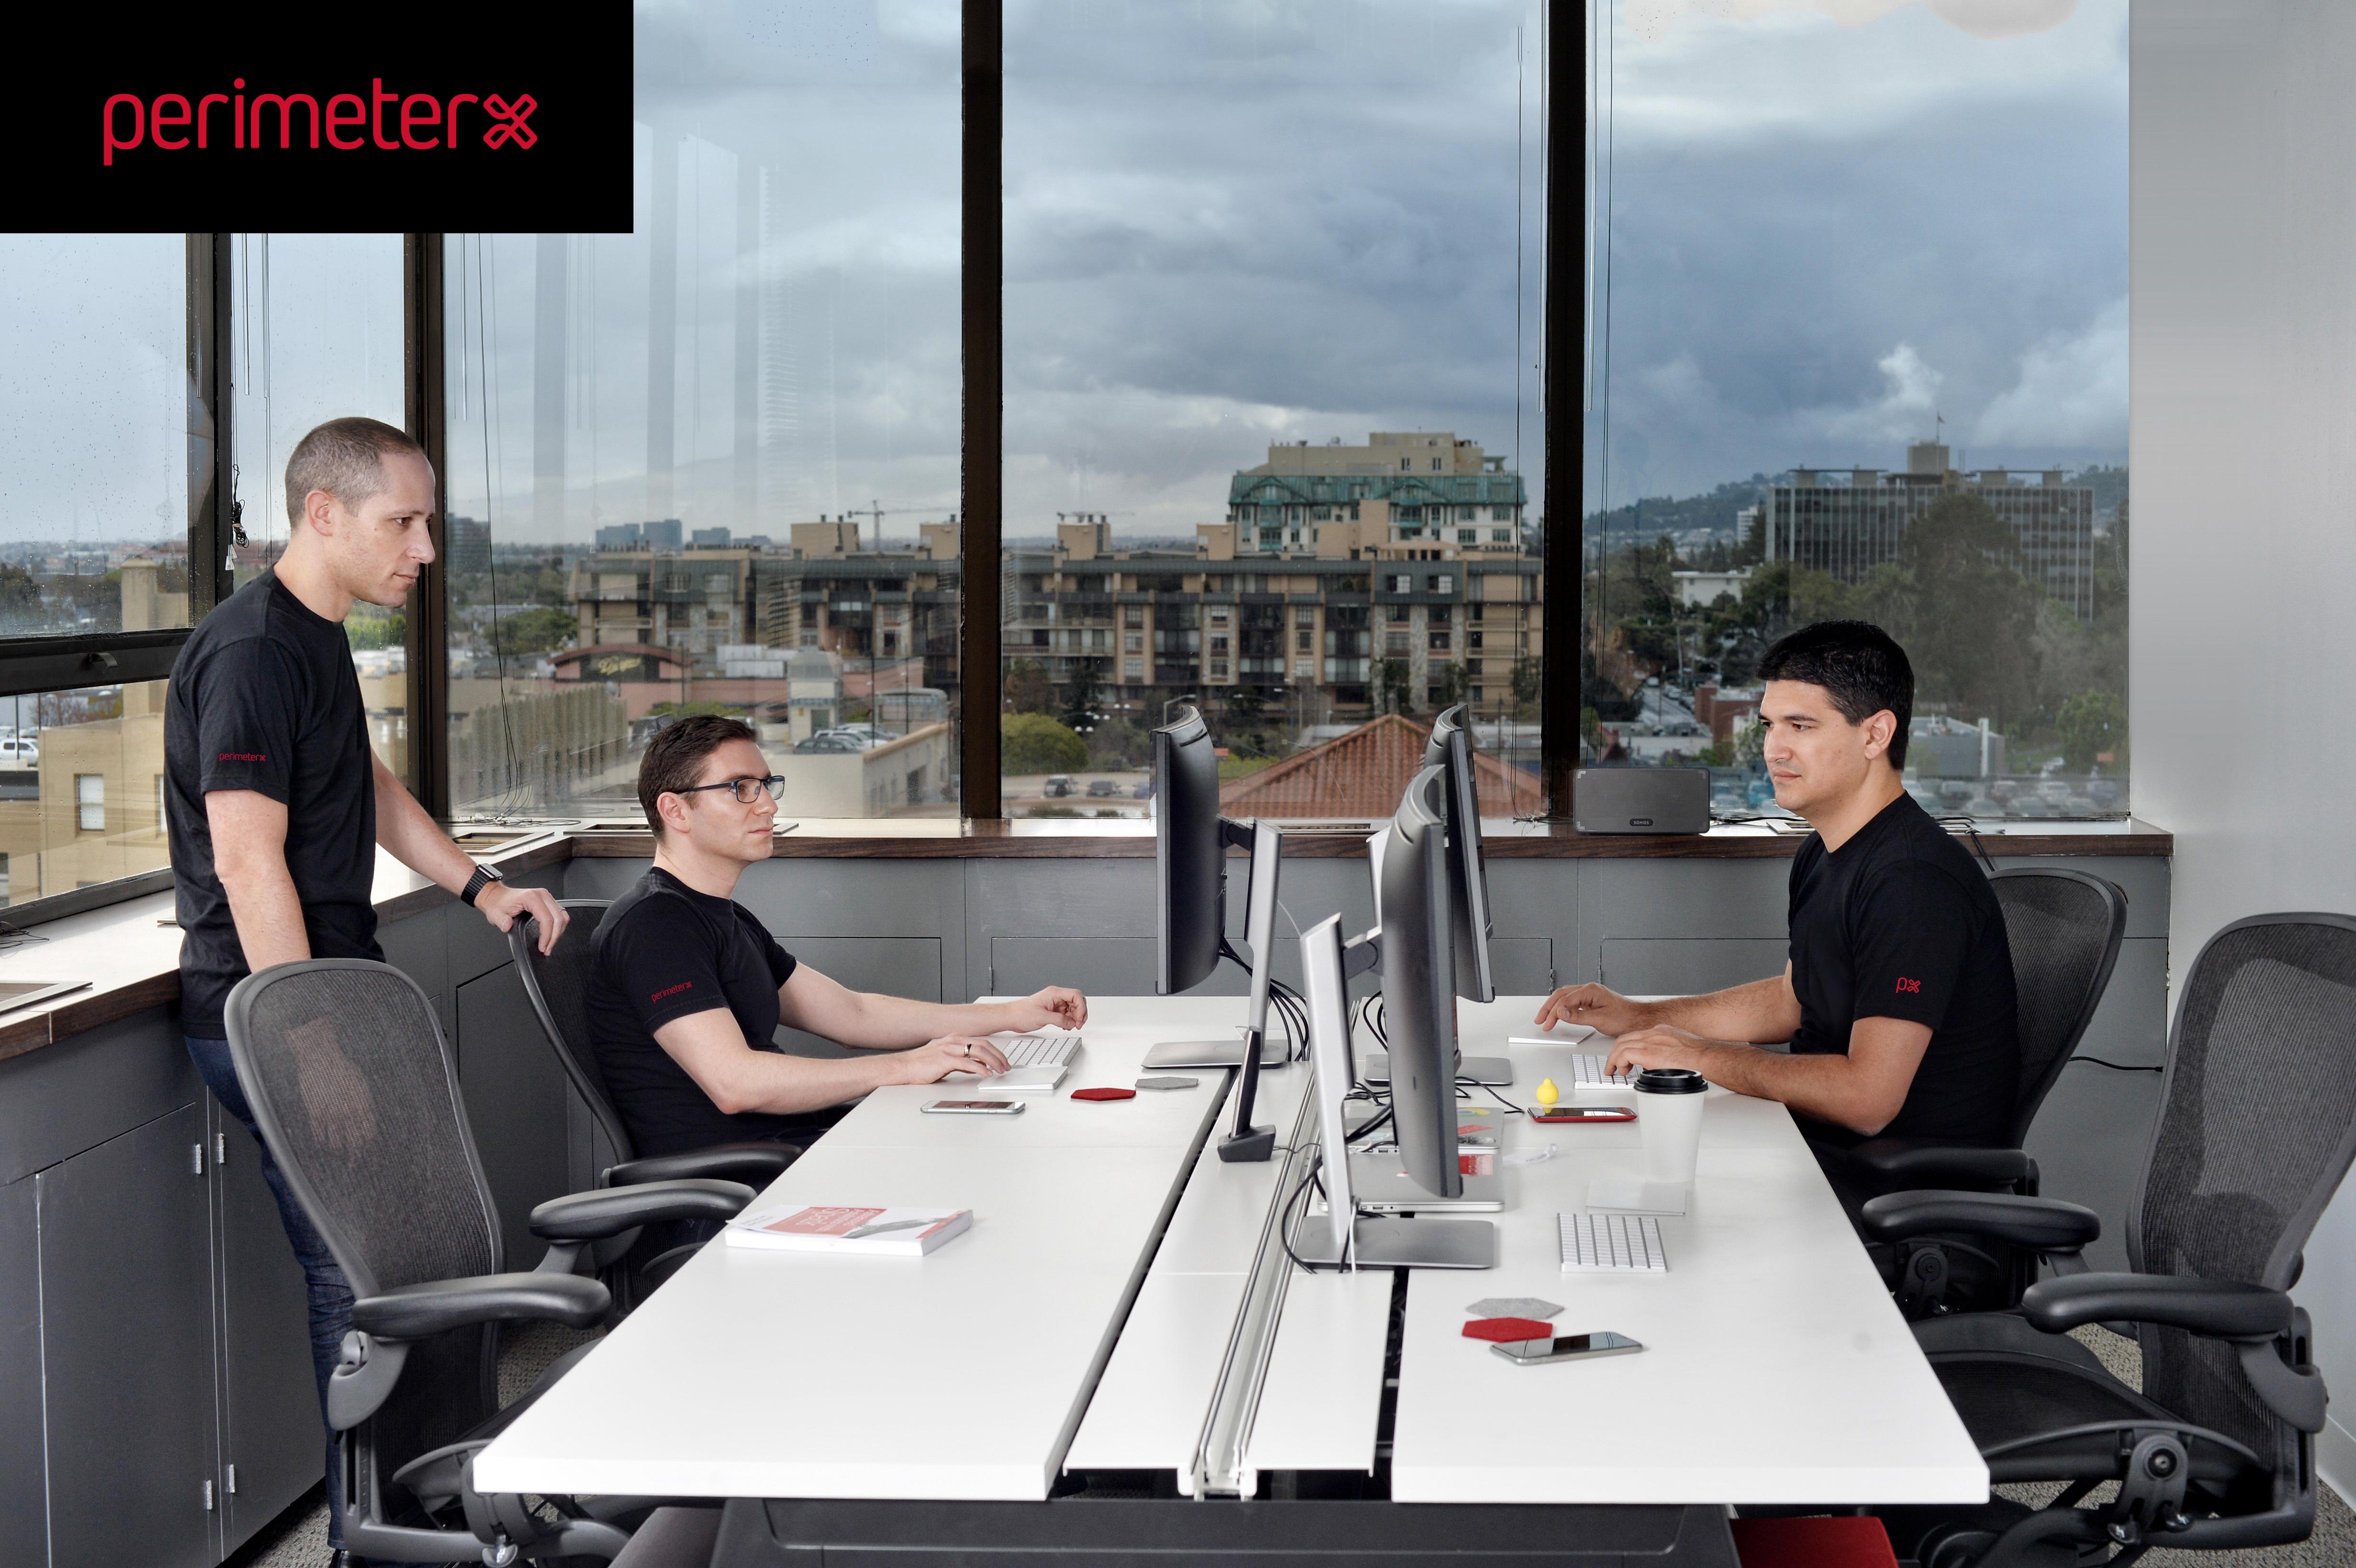 PerimeterX Founders